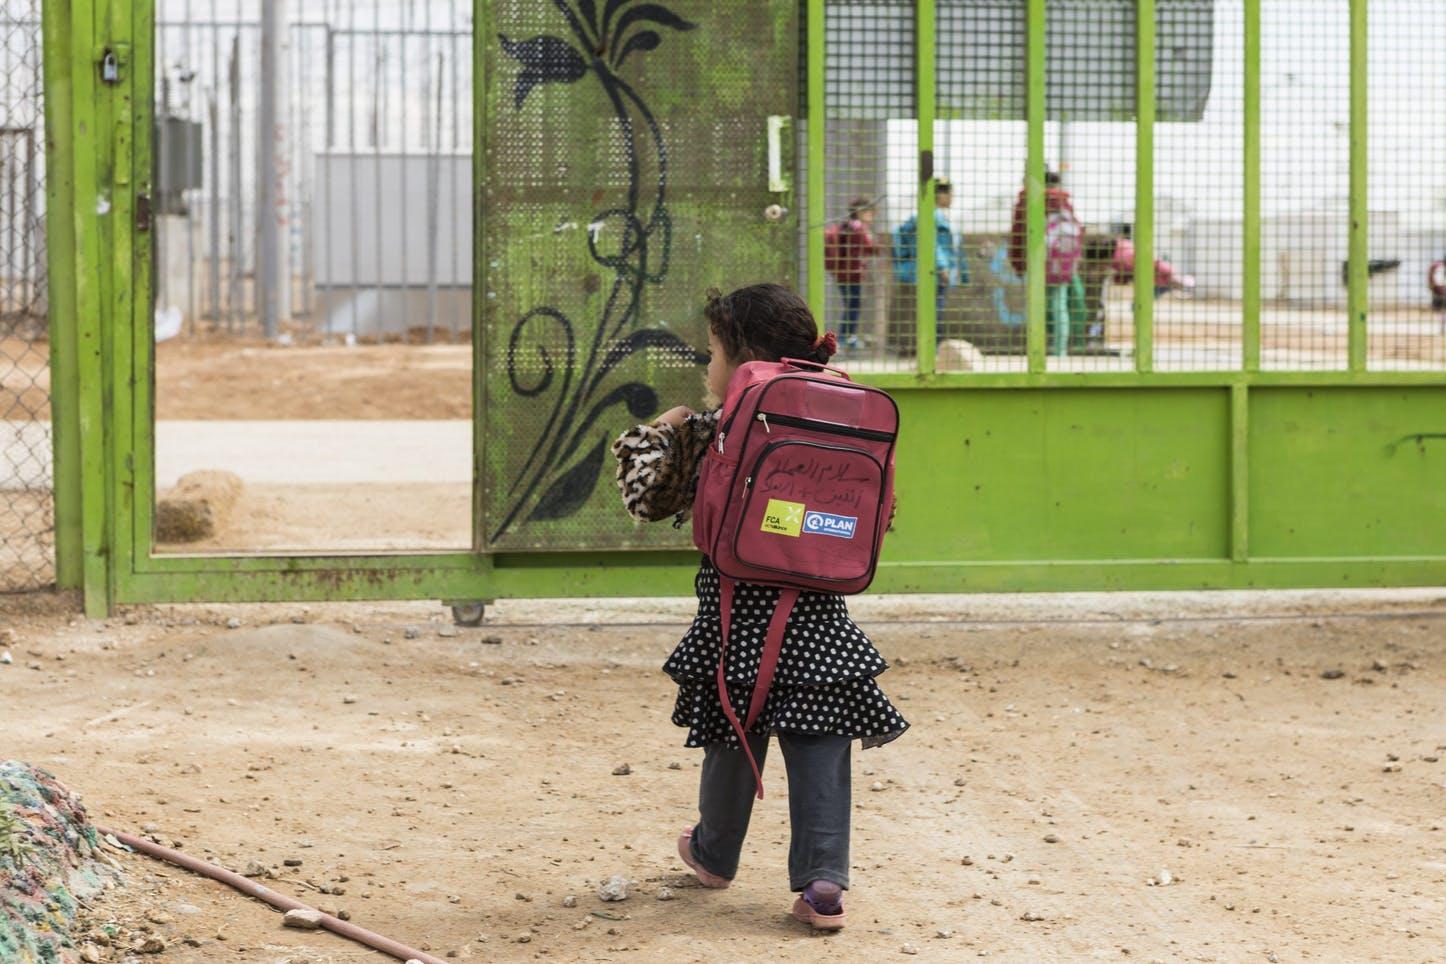 De impact van corona op vrouwelijke vluchtelingen is groter dan gedacht.